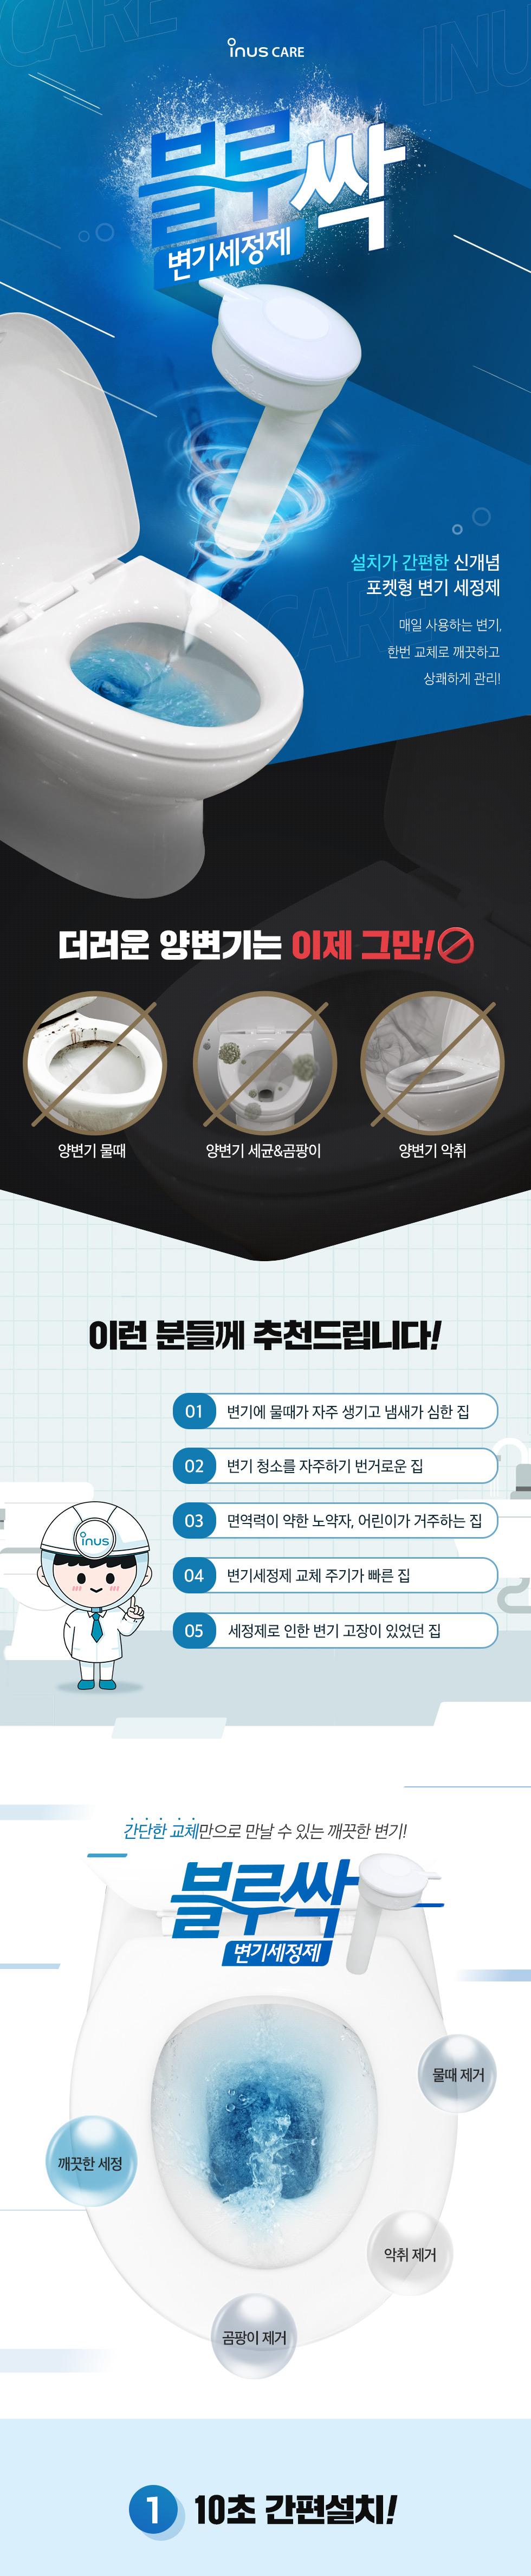 블루싹 변기세정제 제품소개